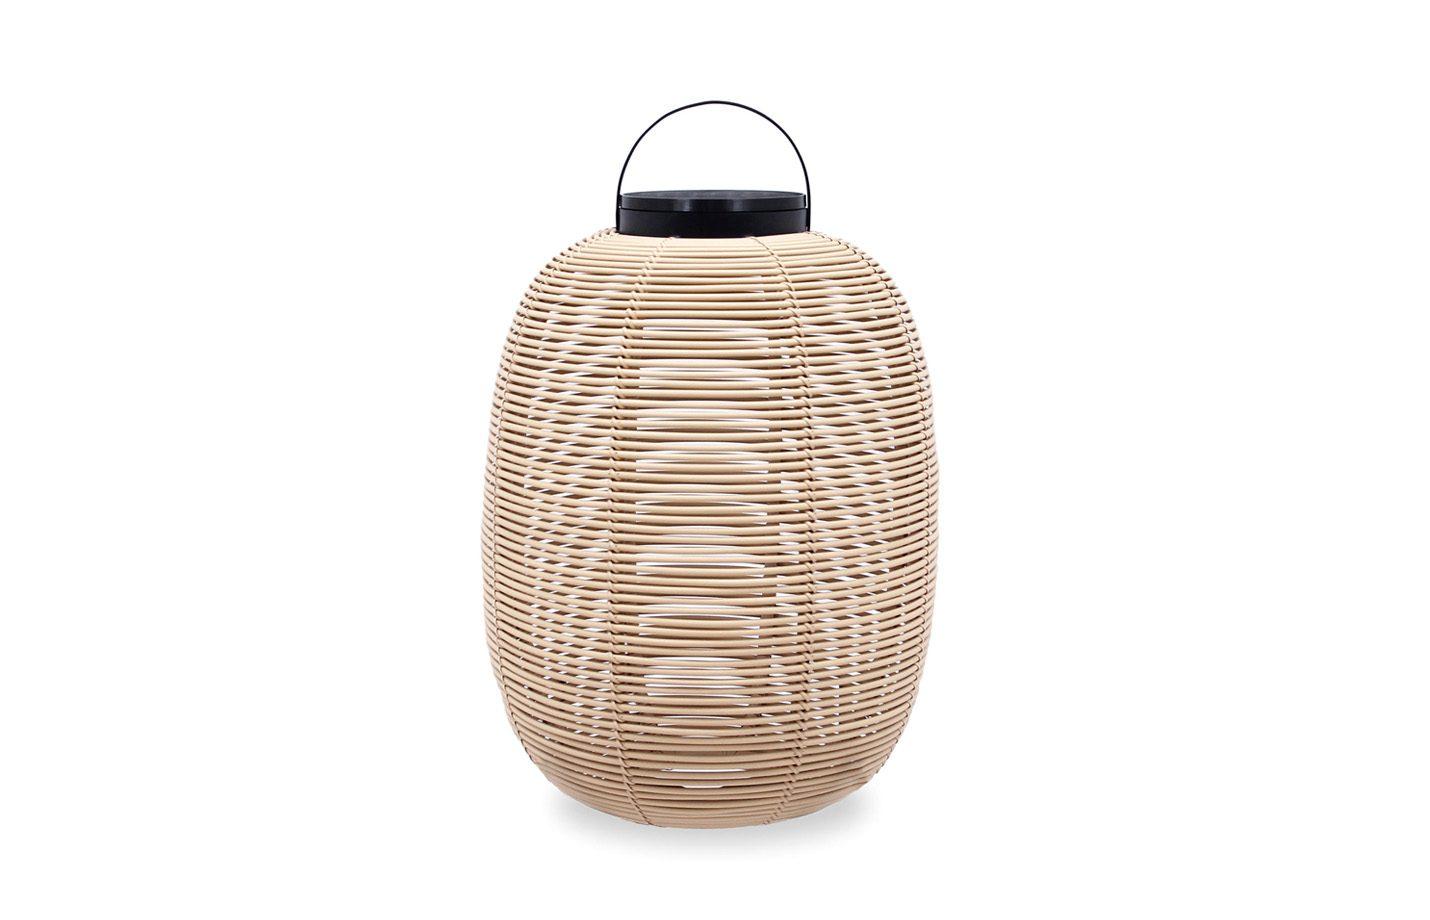 Tika-lantern-outdoor-light-01